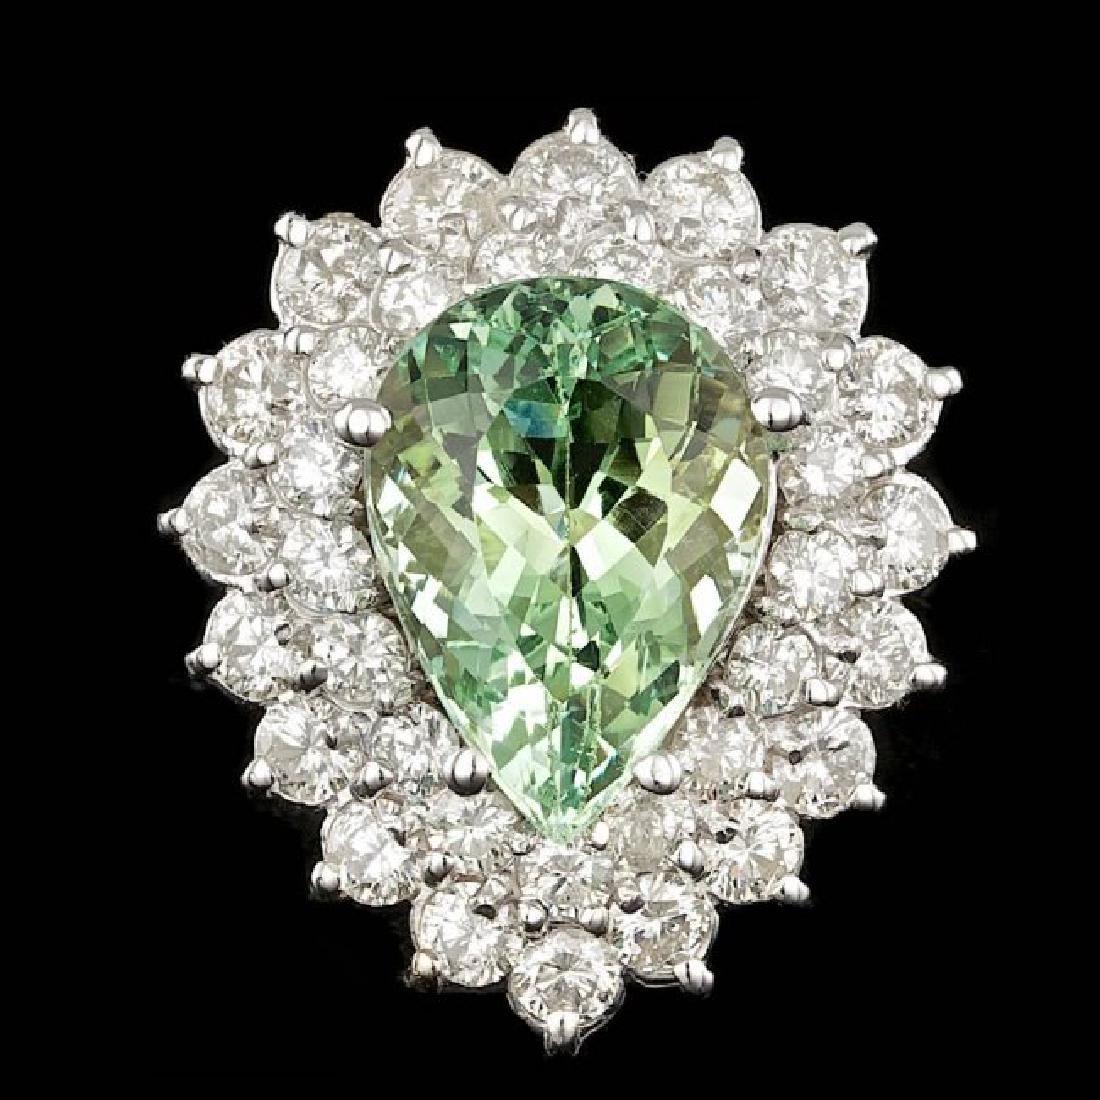 14k White Gold 5.00ct Beryl 2.20ct Diamond Ring